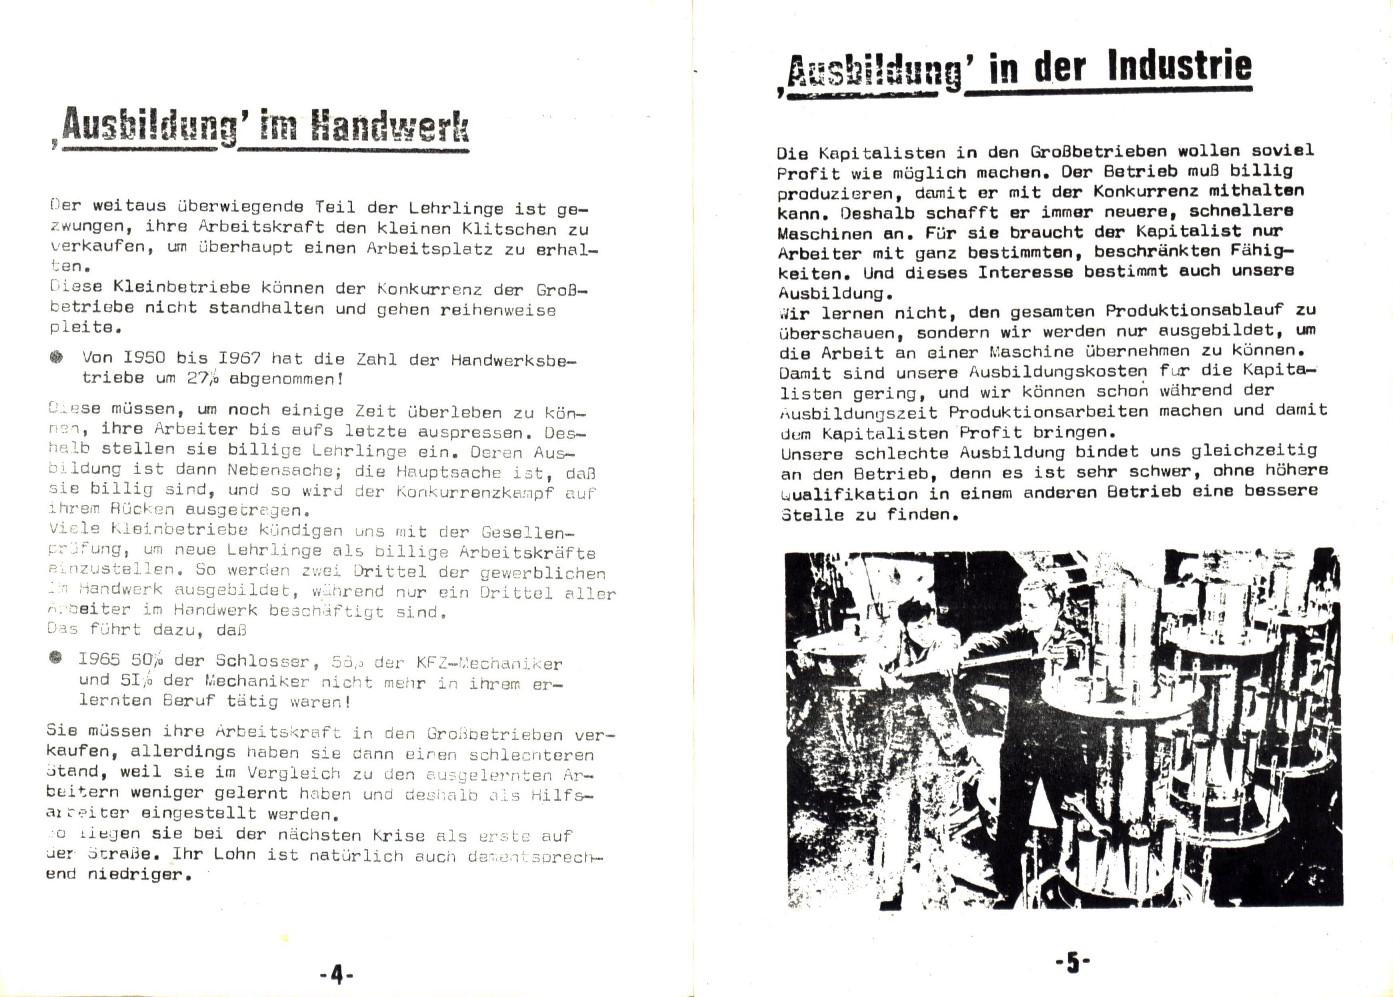 KJVD_1971_Der_wirtschaftliche_Kampf_der_Arbeiterjugend_03